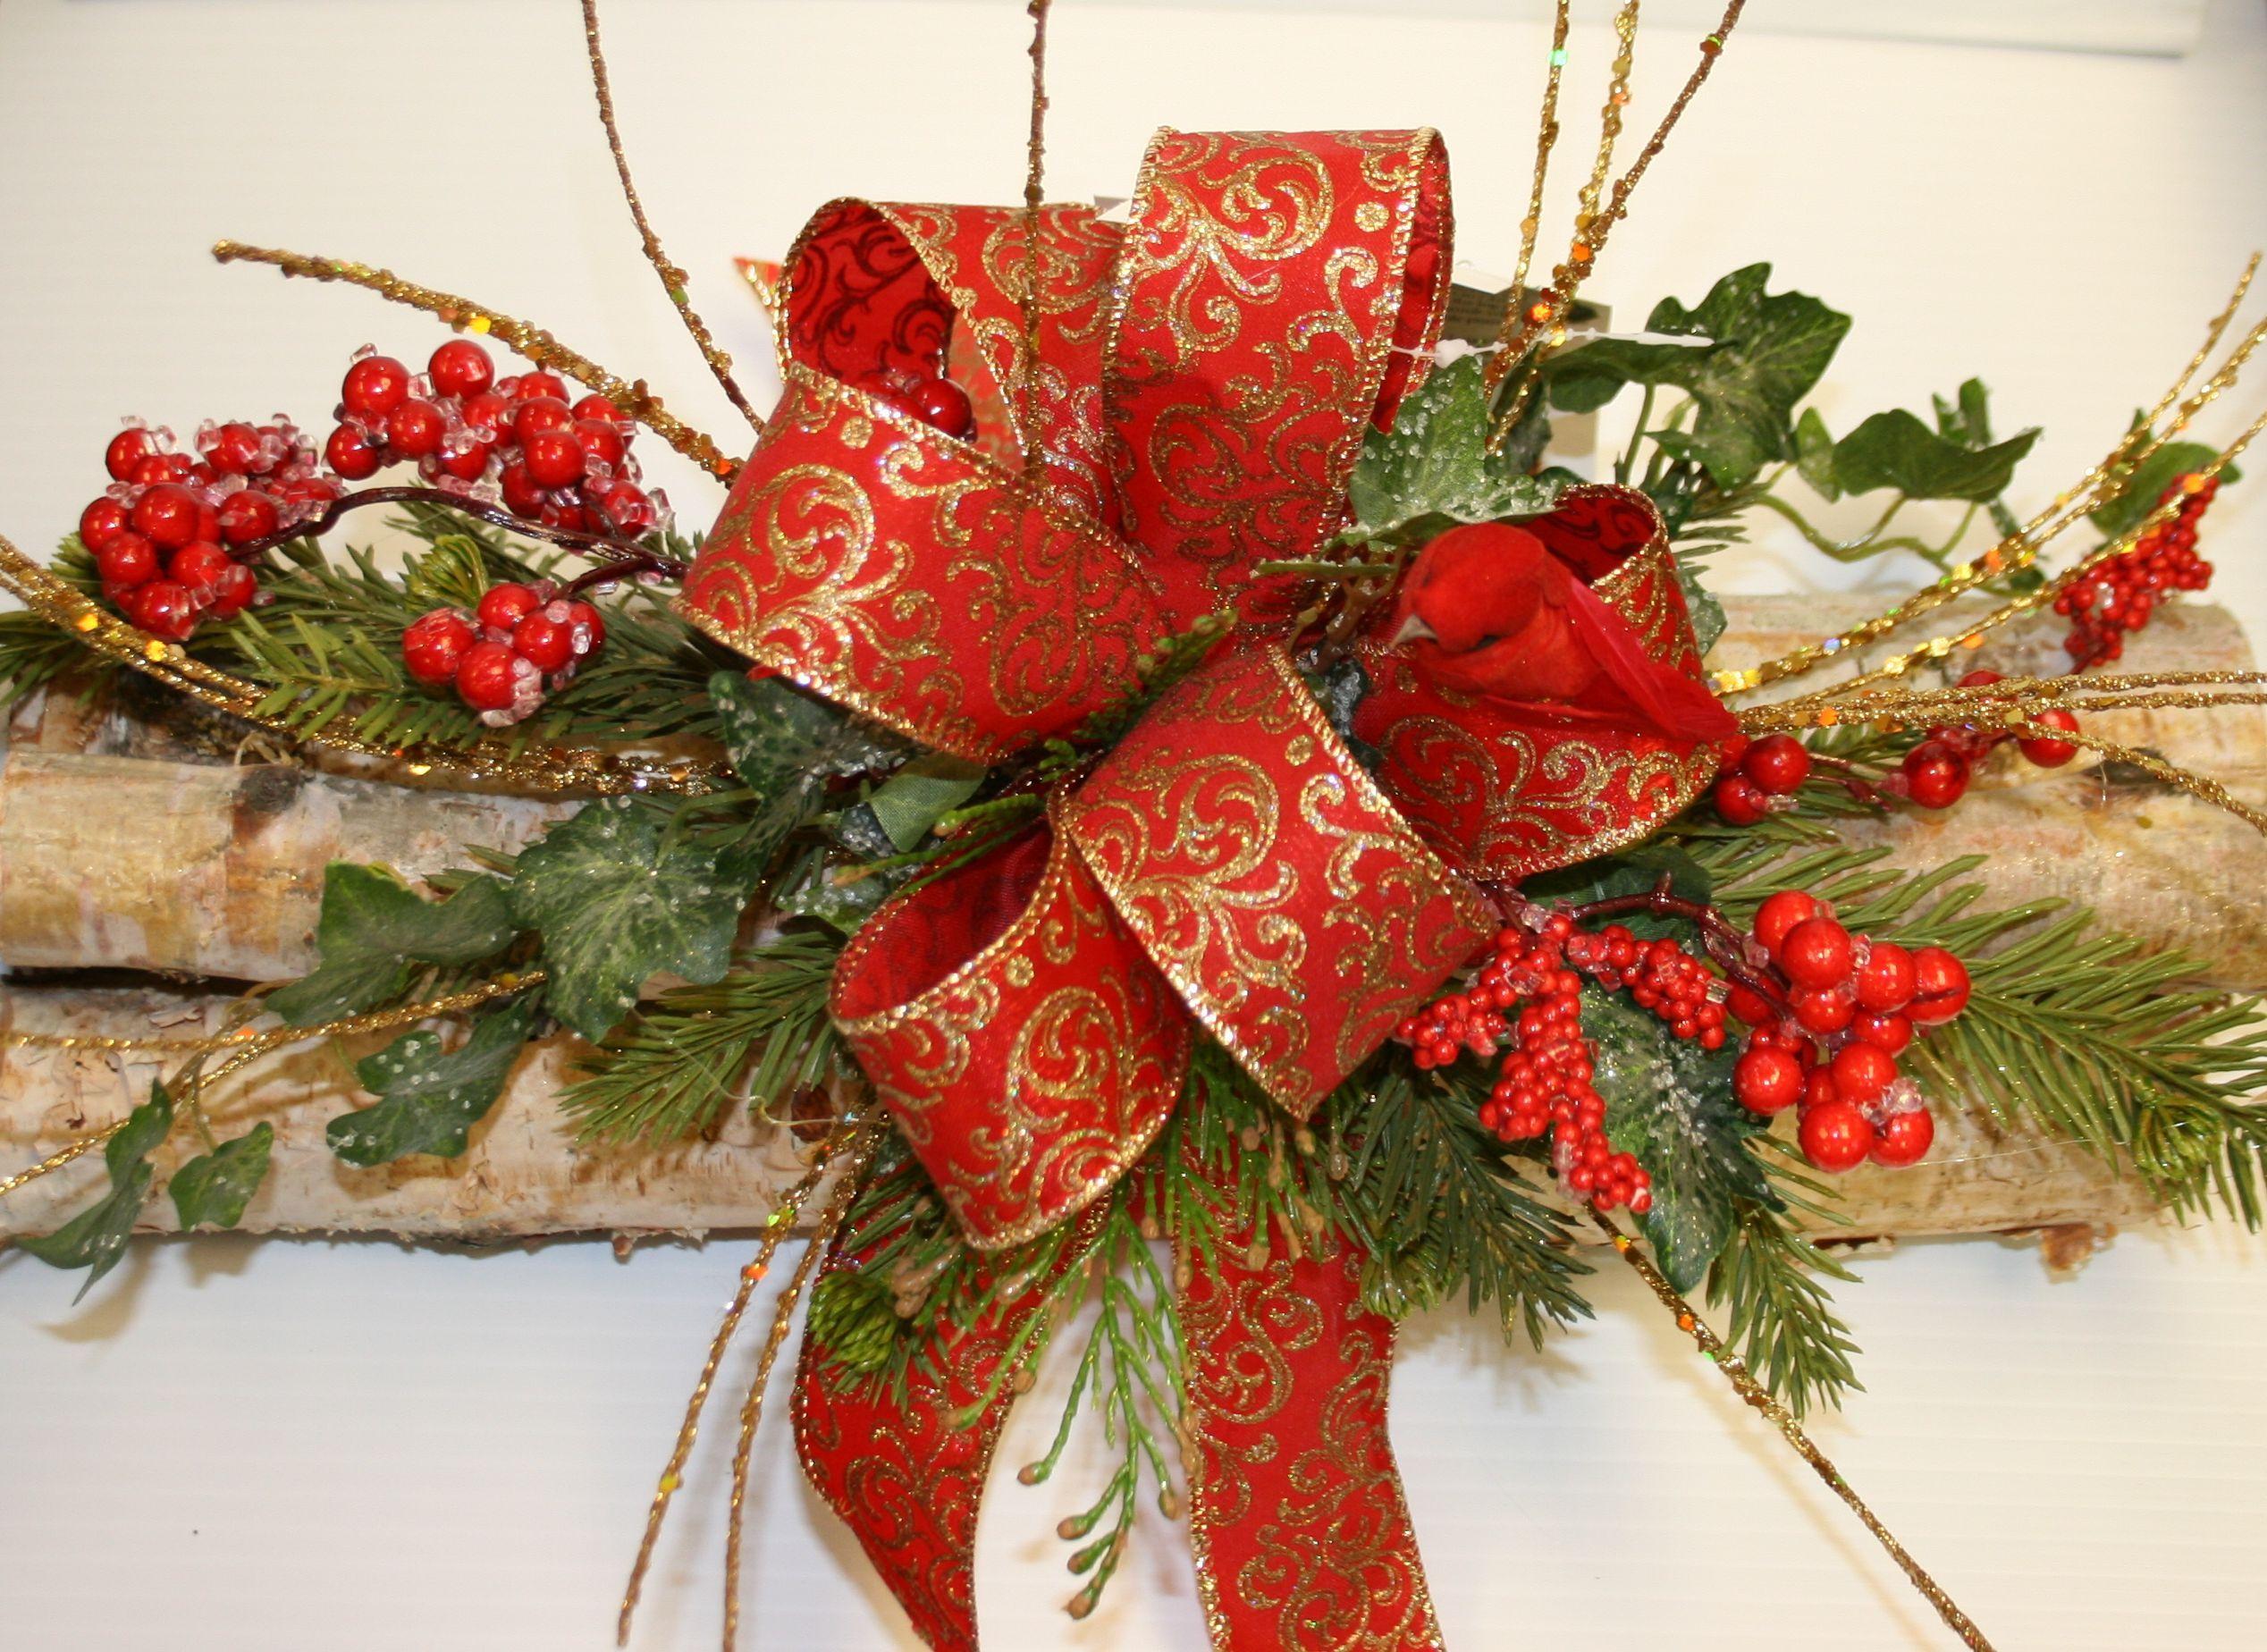 Xmas Centerpieces Log Christmas Centerpieces .designer Made Decorative Yule